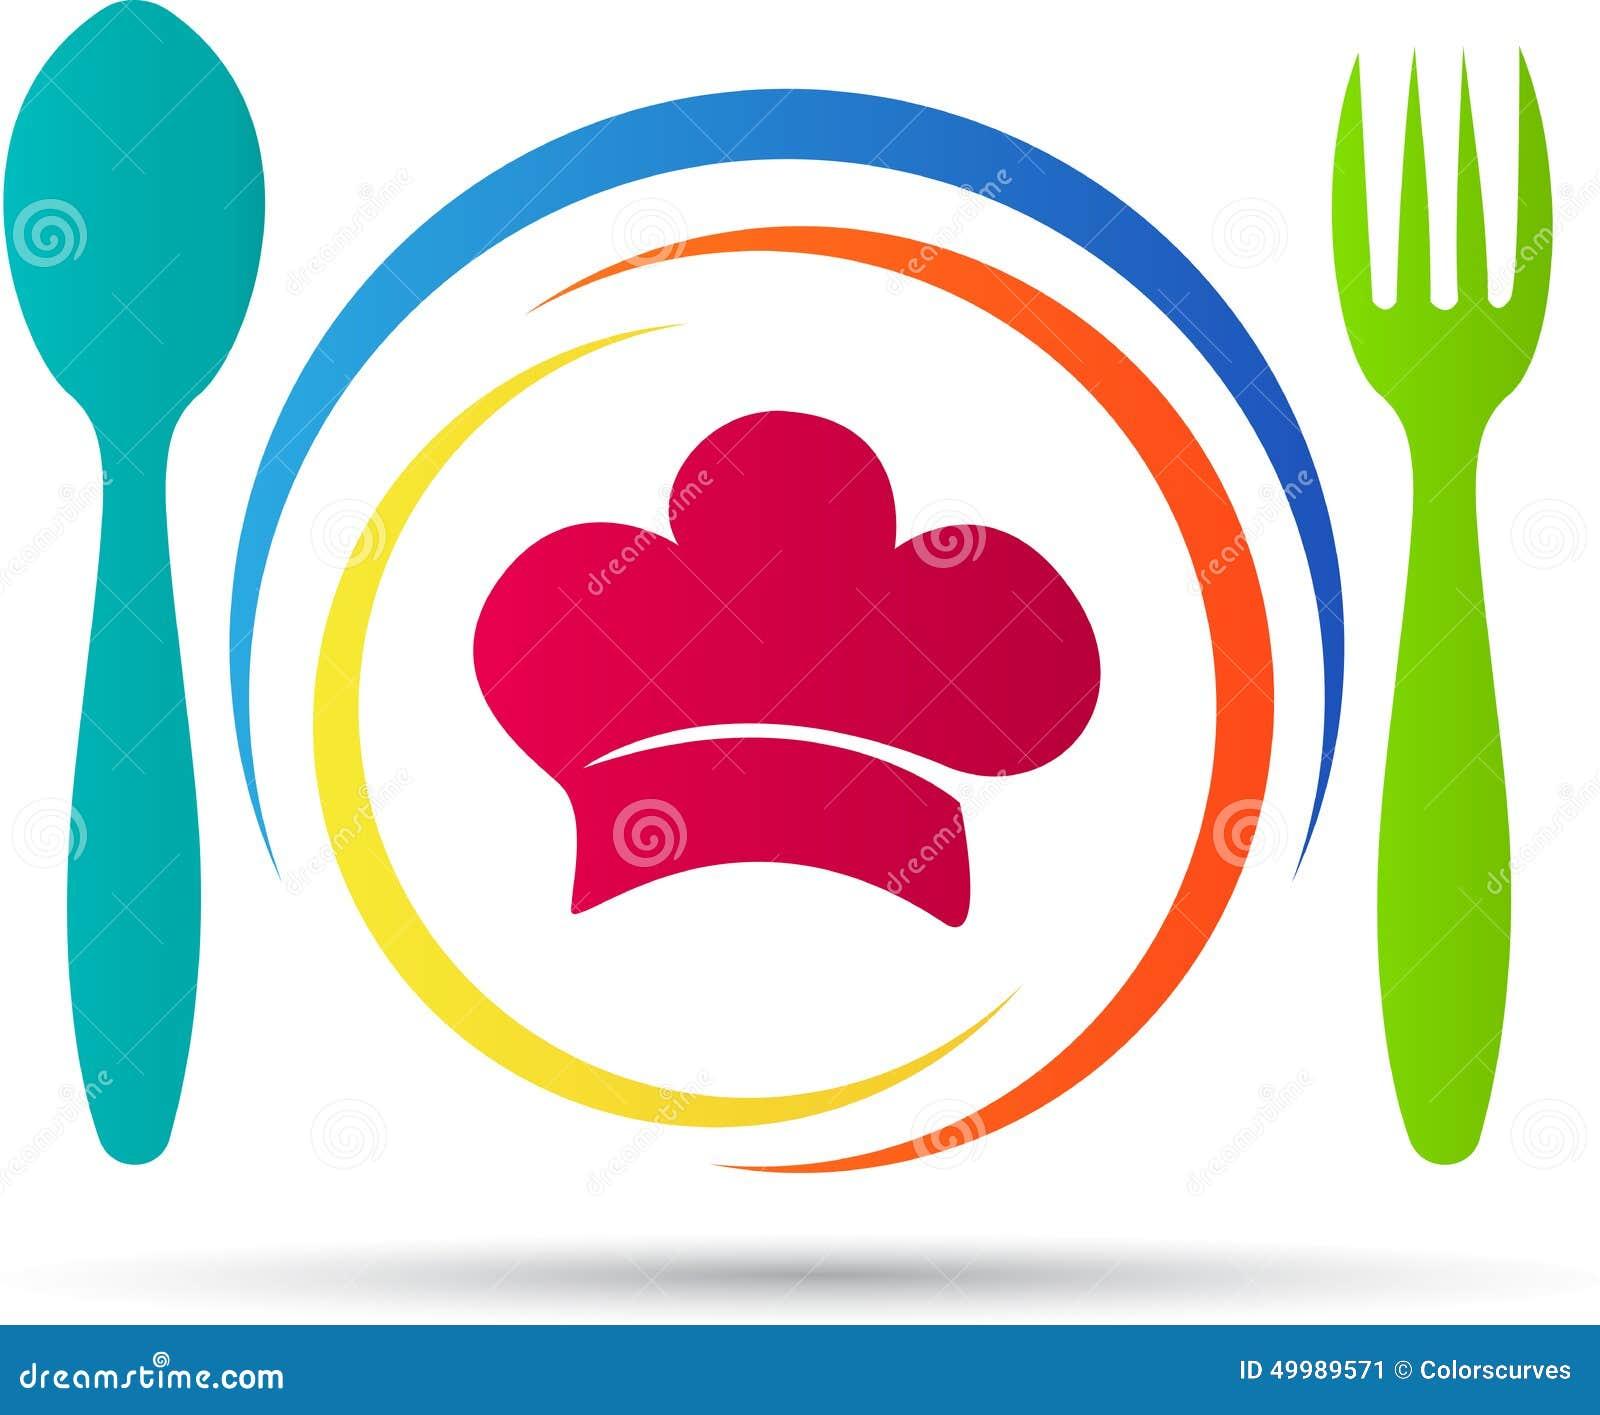 Panera kallat klippa restaurangen för fotoet för mrcajevcien för meat för logoen för festivalmatkupusijadaen sex tabeller taget